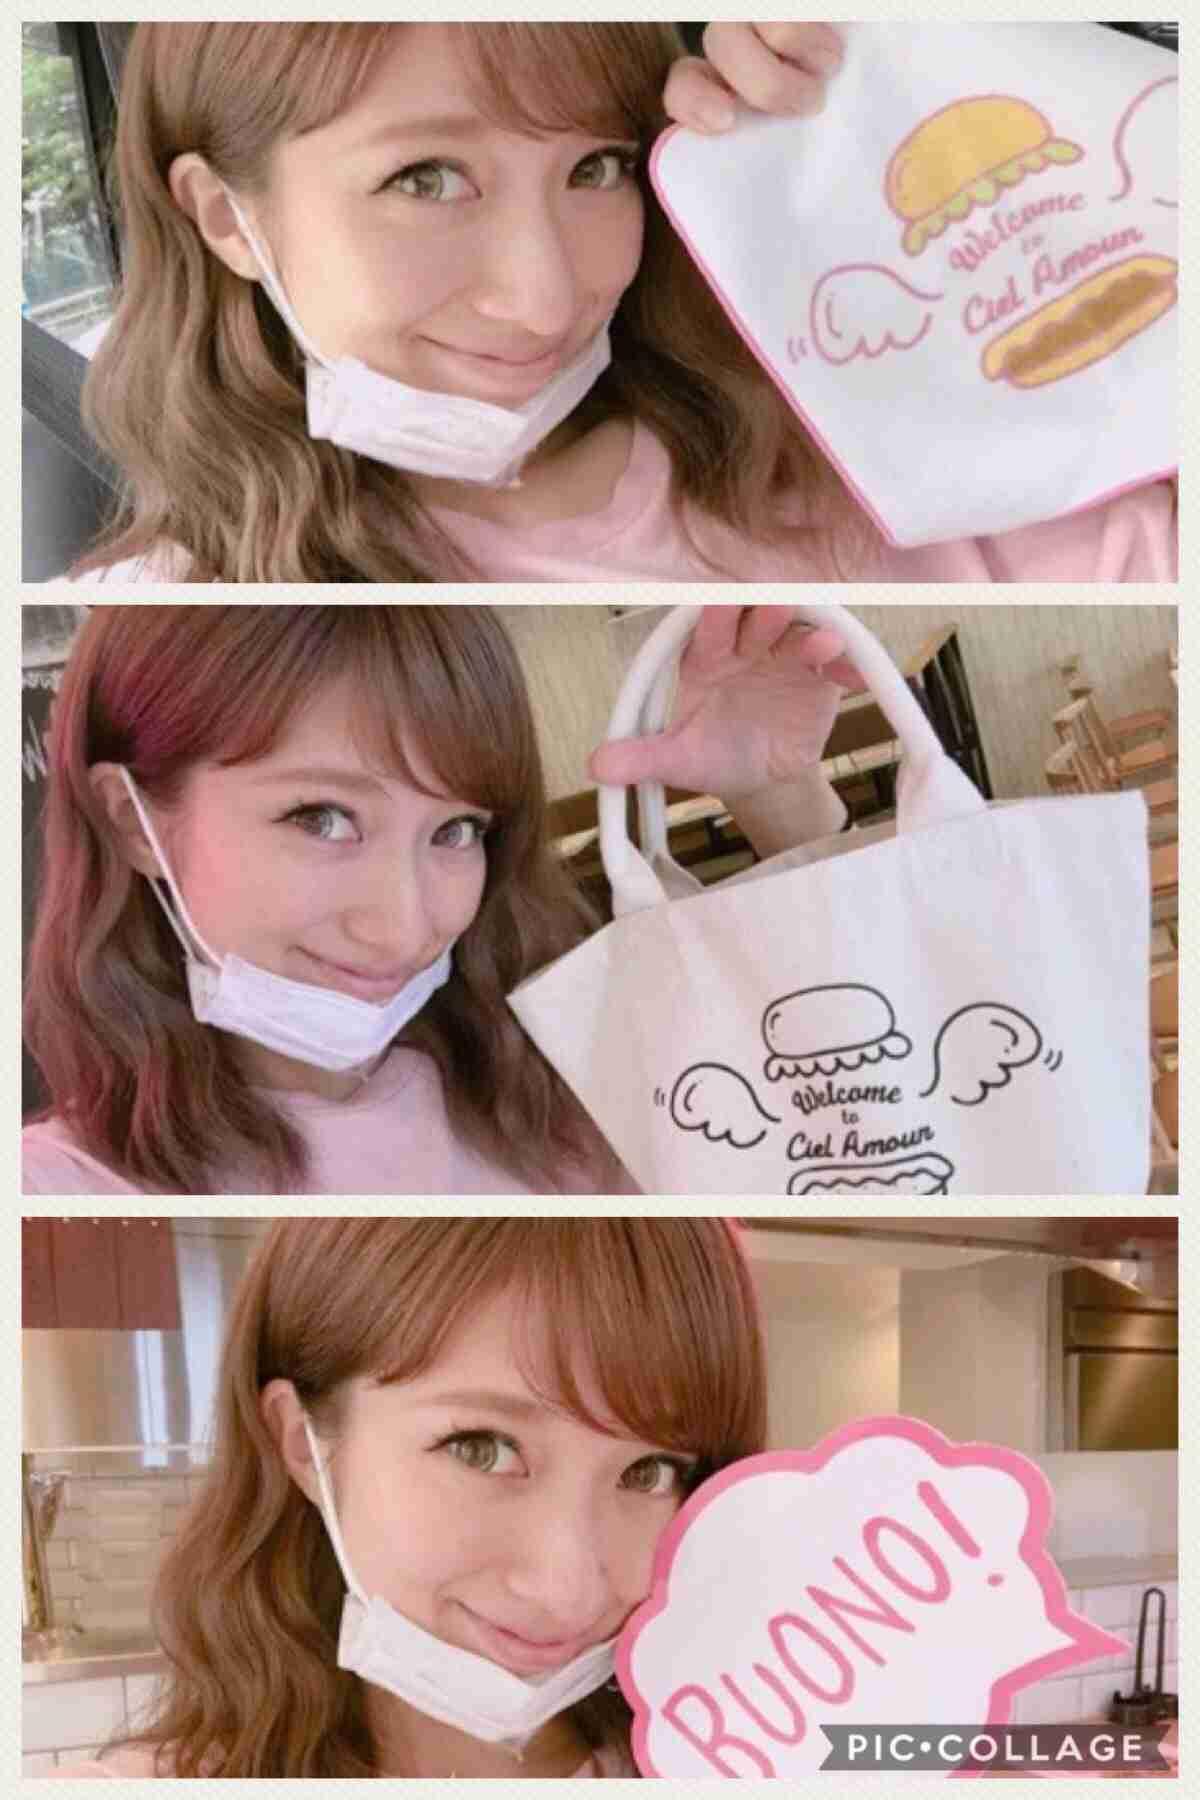 辻希美、母のハンバーガー店がプレオープン…制服写真をブログに掲載「嬉しい」